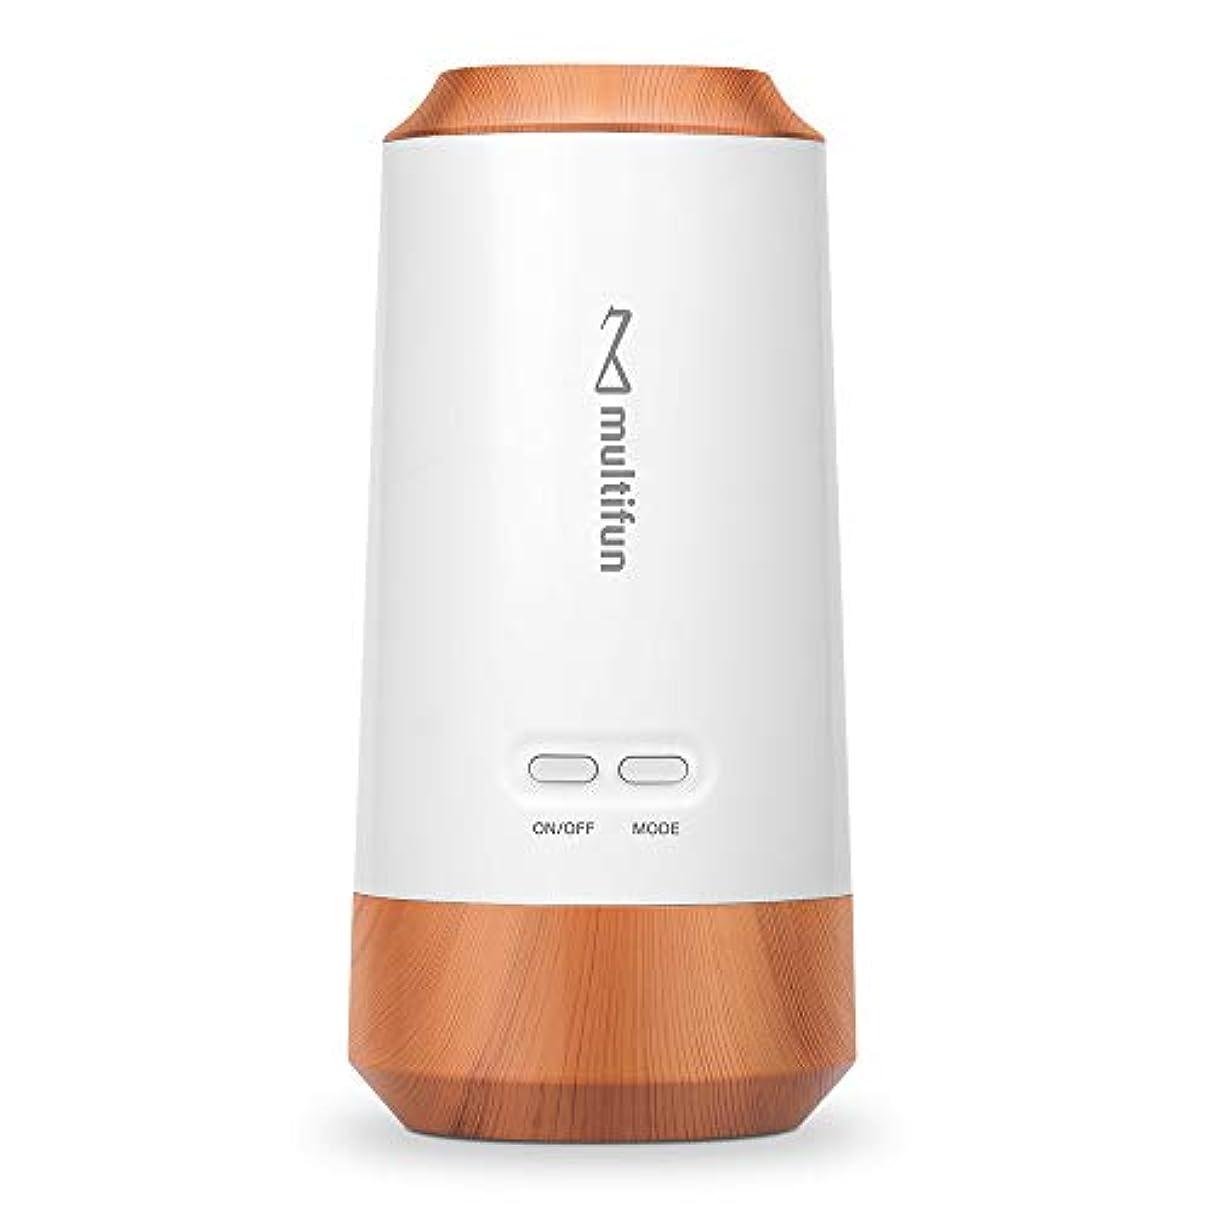 クスコ小包ささやきmultifun アロマディフューザー ネブライザー式 気化式 車載用 コードレス 水を使わない 充電式 静音 車用 10mlアロマ320時間使える 精油瓶1個 スポイト付き 6畳~9畳まで